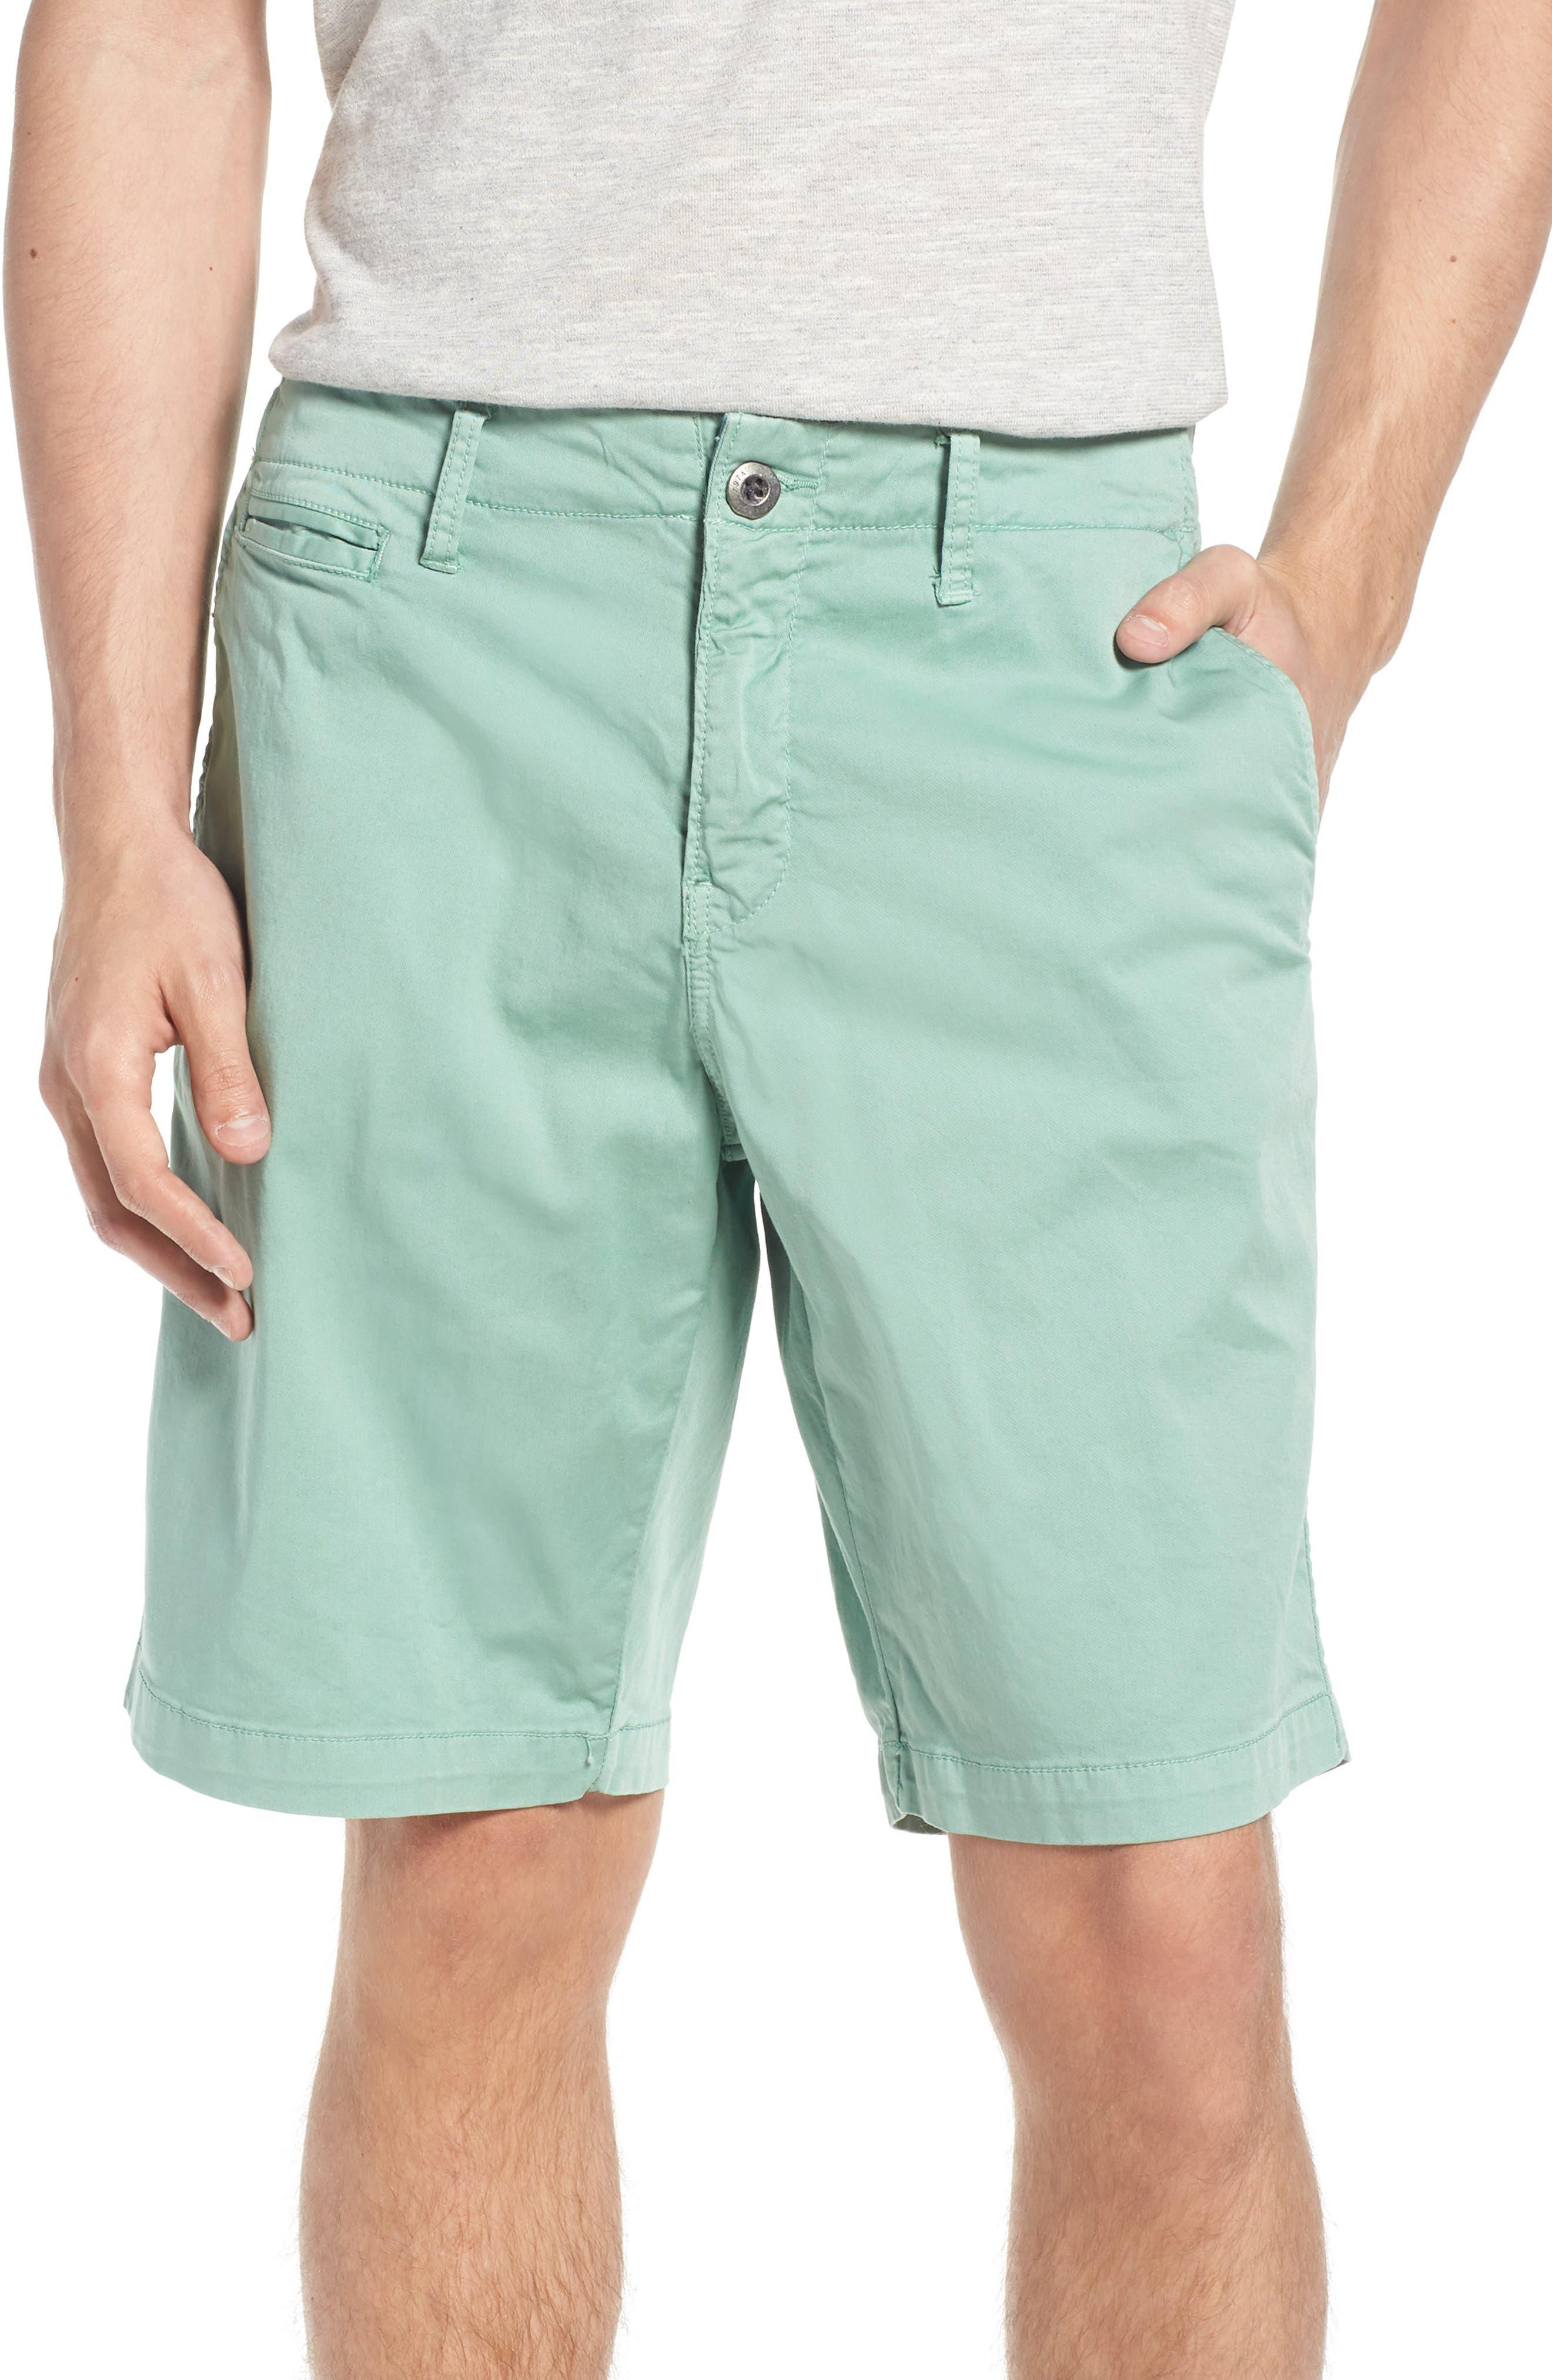 St. Barts Twill Shorts,                             Main thumbnail 7, color,